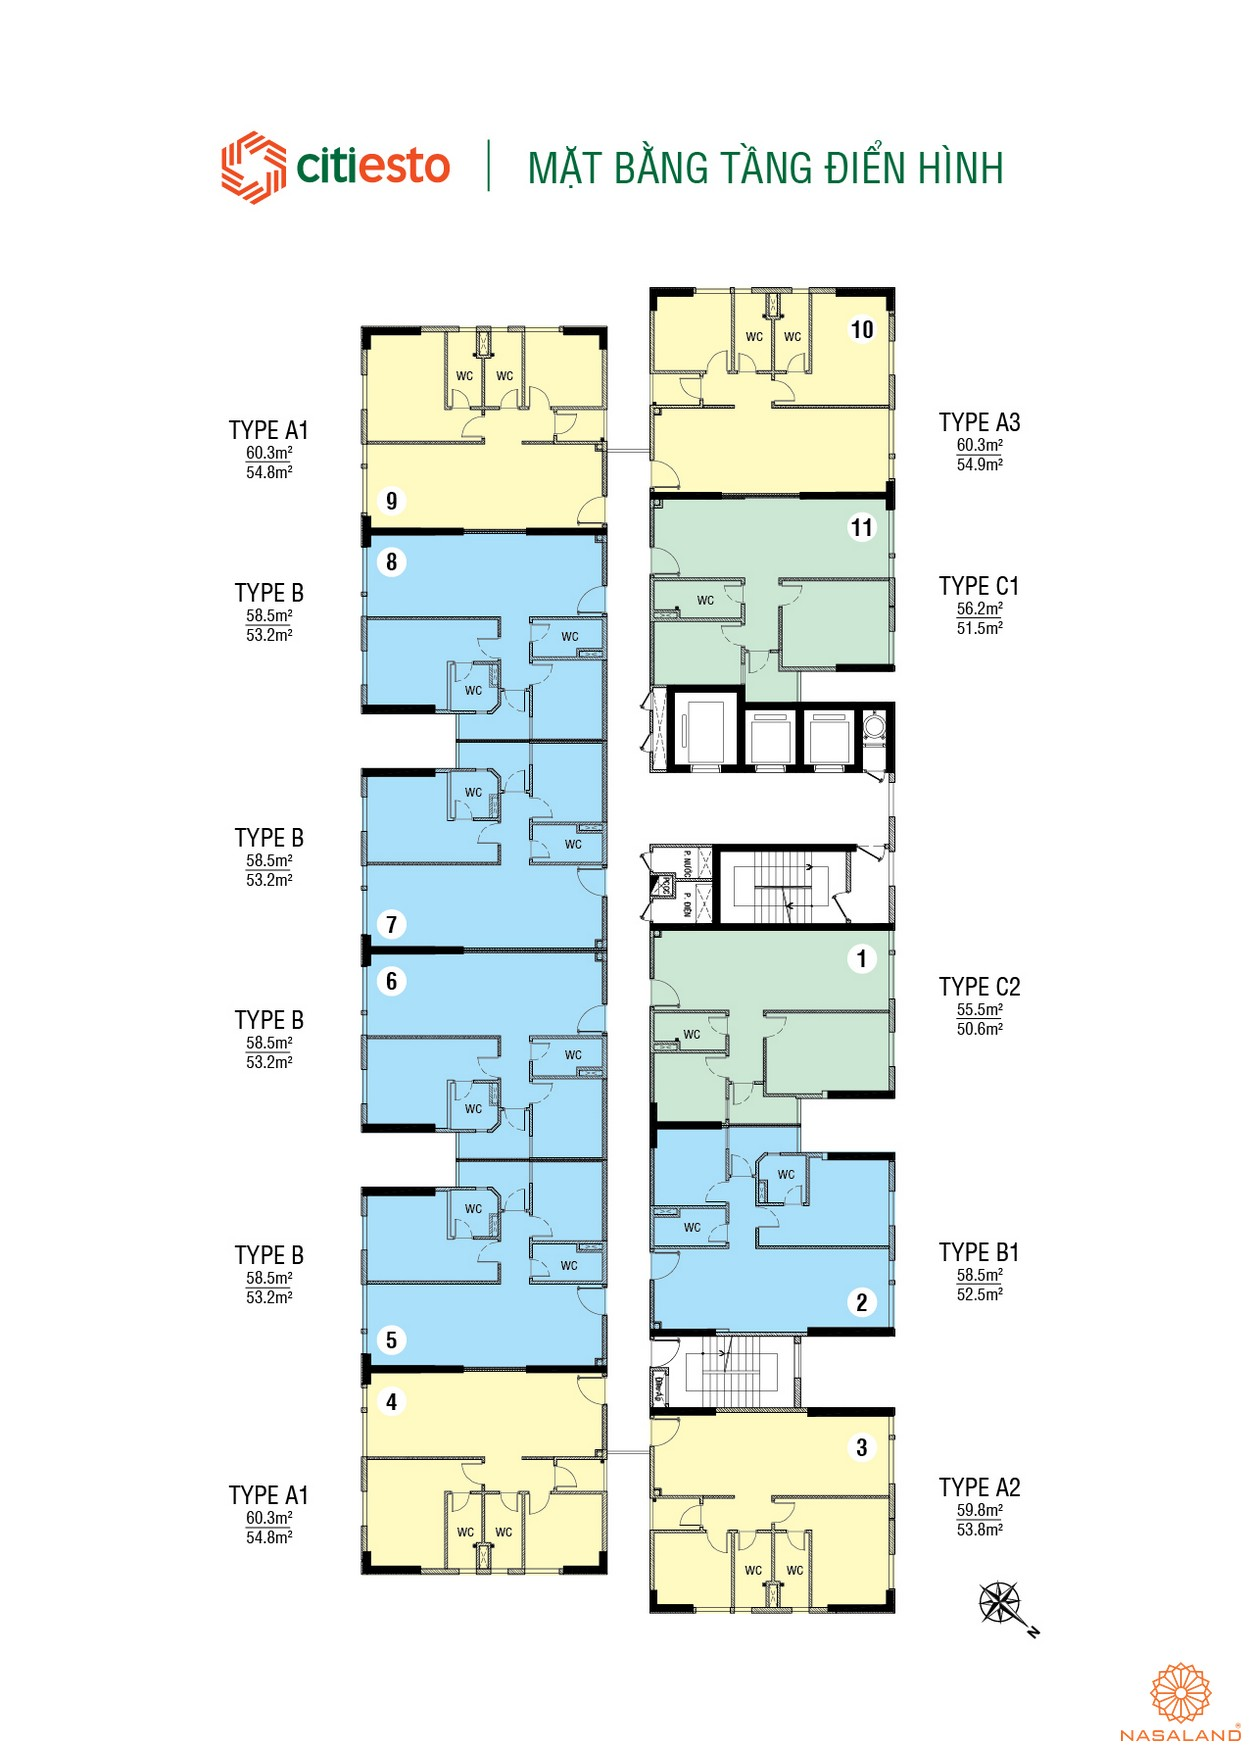 Mặt bằng tầng điển hình căn hộ CitiEsto